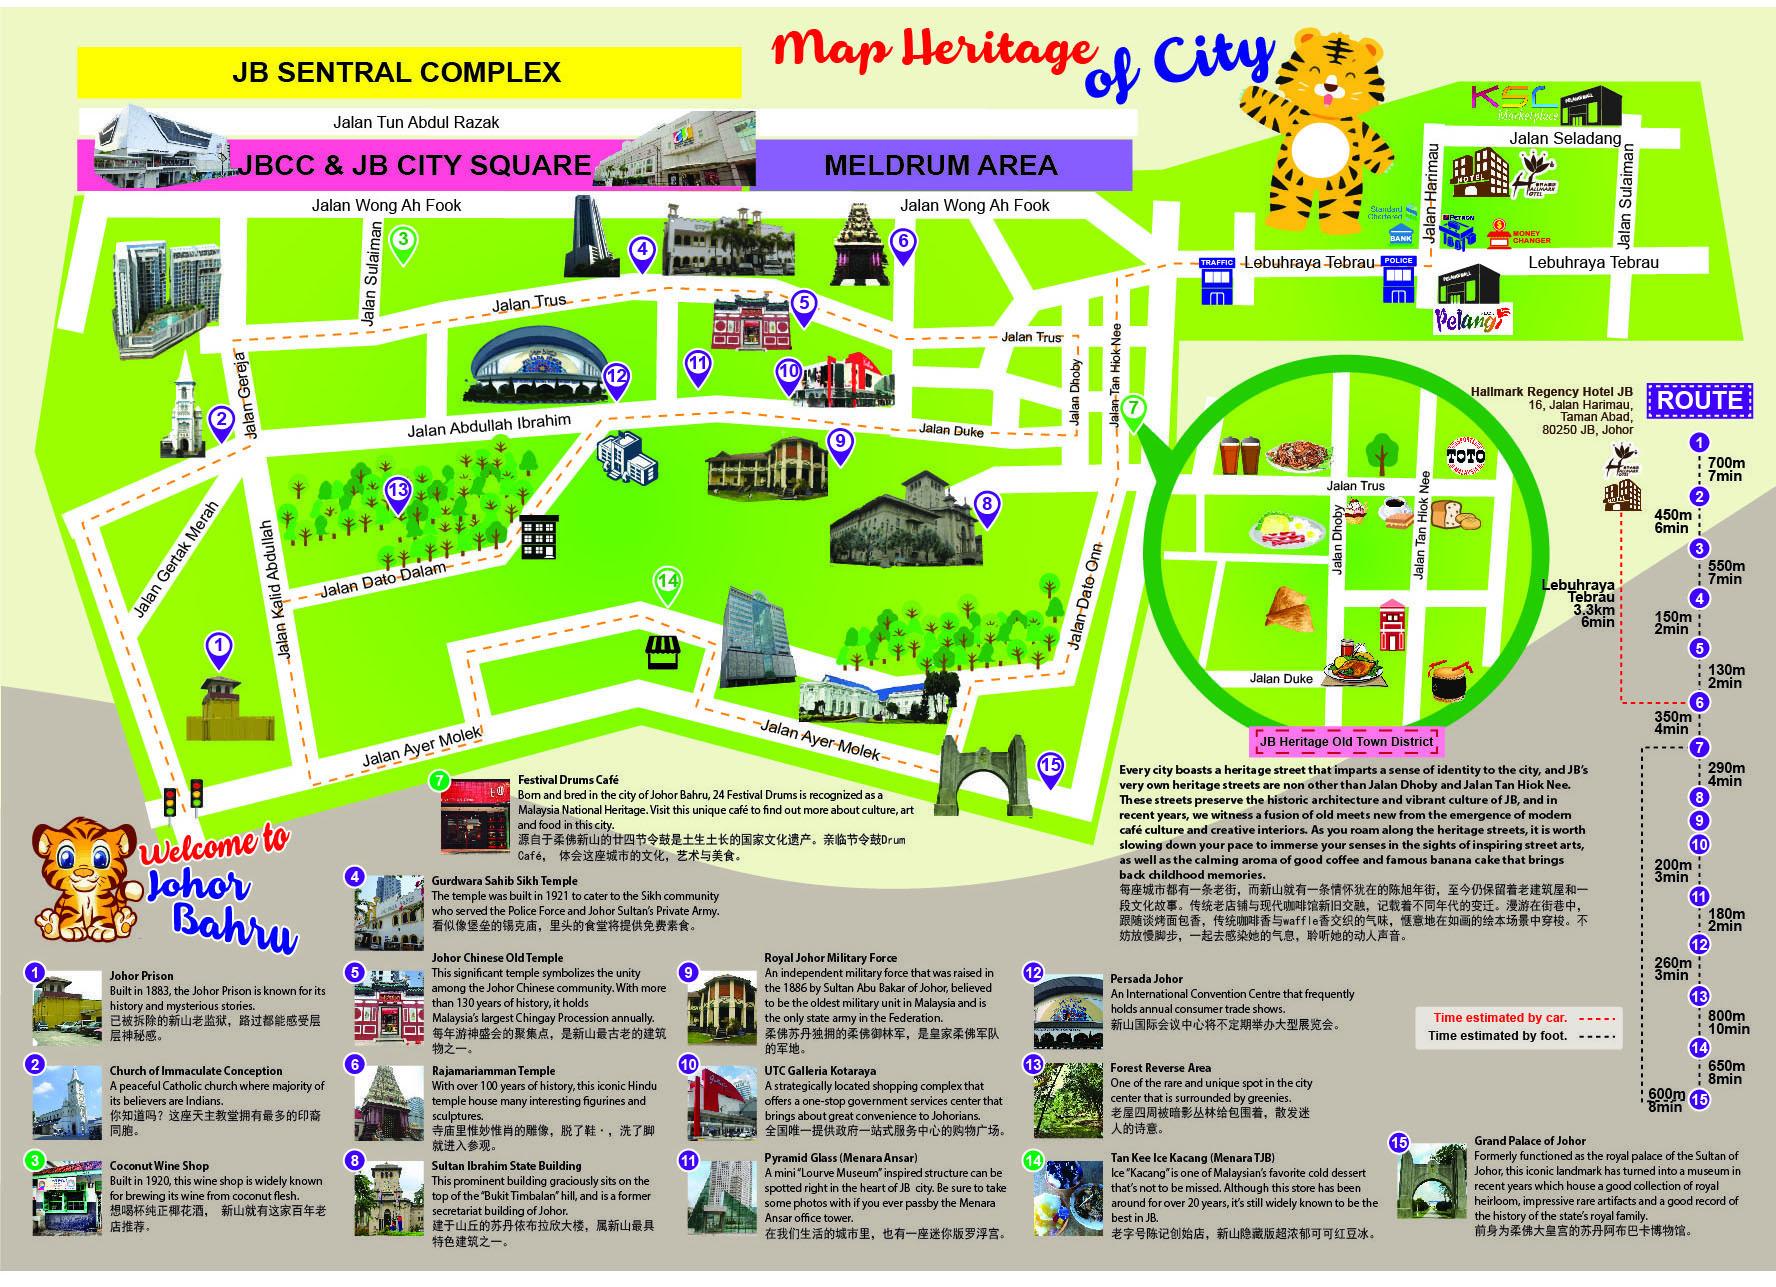 Hallmark Hotel - Promotions - Hallmark Hotel on mexico city map, malaysia map, venice map, jerusalem map, malay peninsula map, cuba map, mecca map, maldives map, goa map, kyoto map, great zimbabwe map, strait of hormuz map, pakistan map, ceylon map, macau map, penang map, timbuktu map, calicut map, baghdad map, moluccas map,